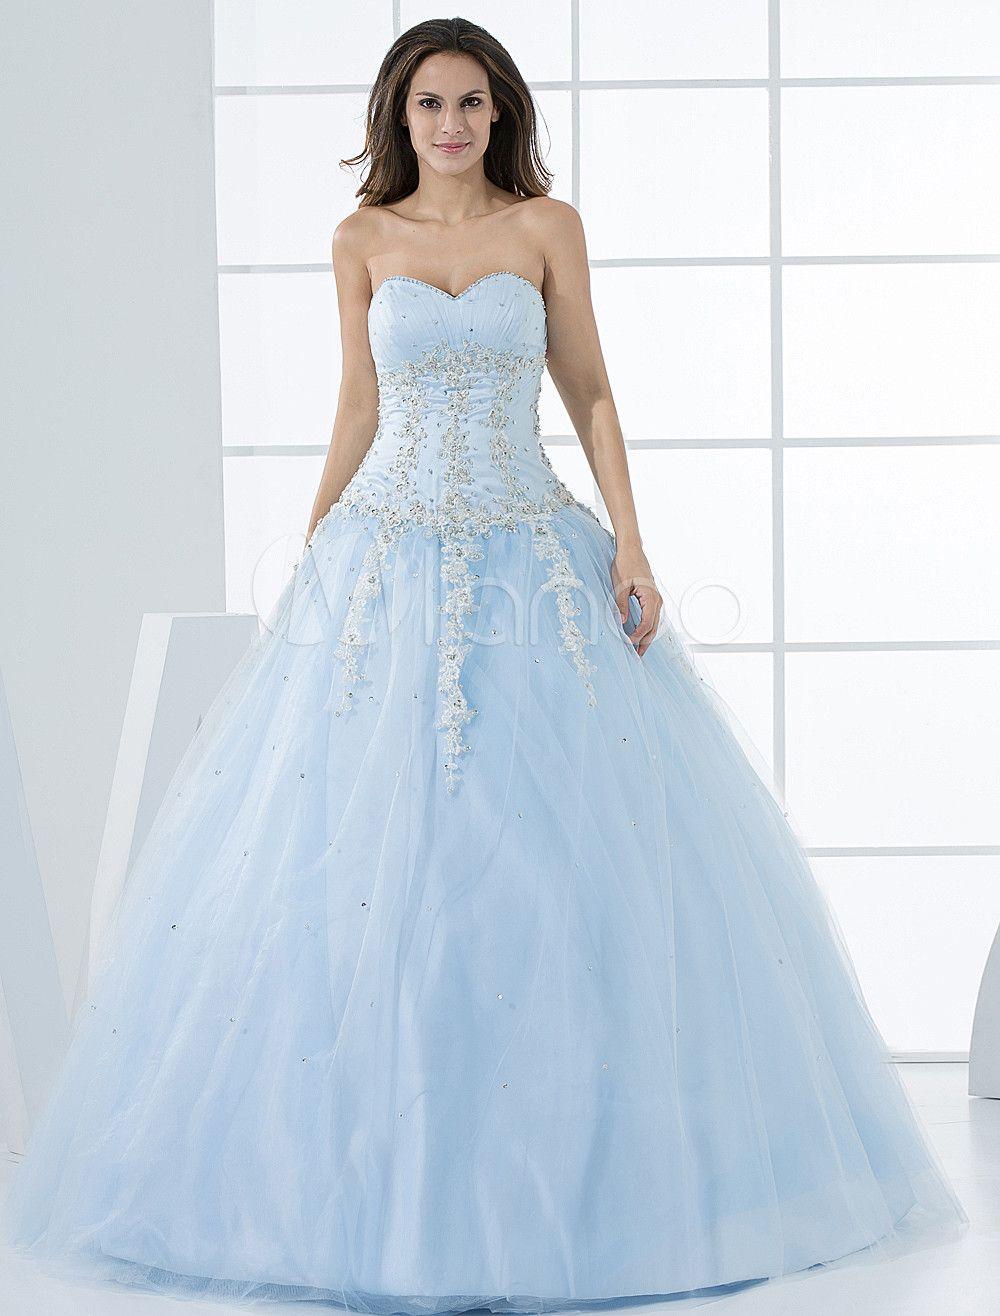 51b0c581d94 Princess Wedding Dresses Pastel Blue Quinceanera Dress Lace Applique ...